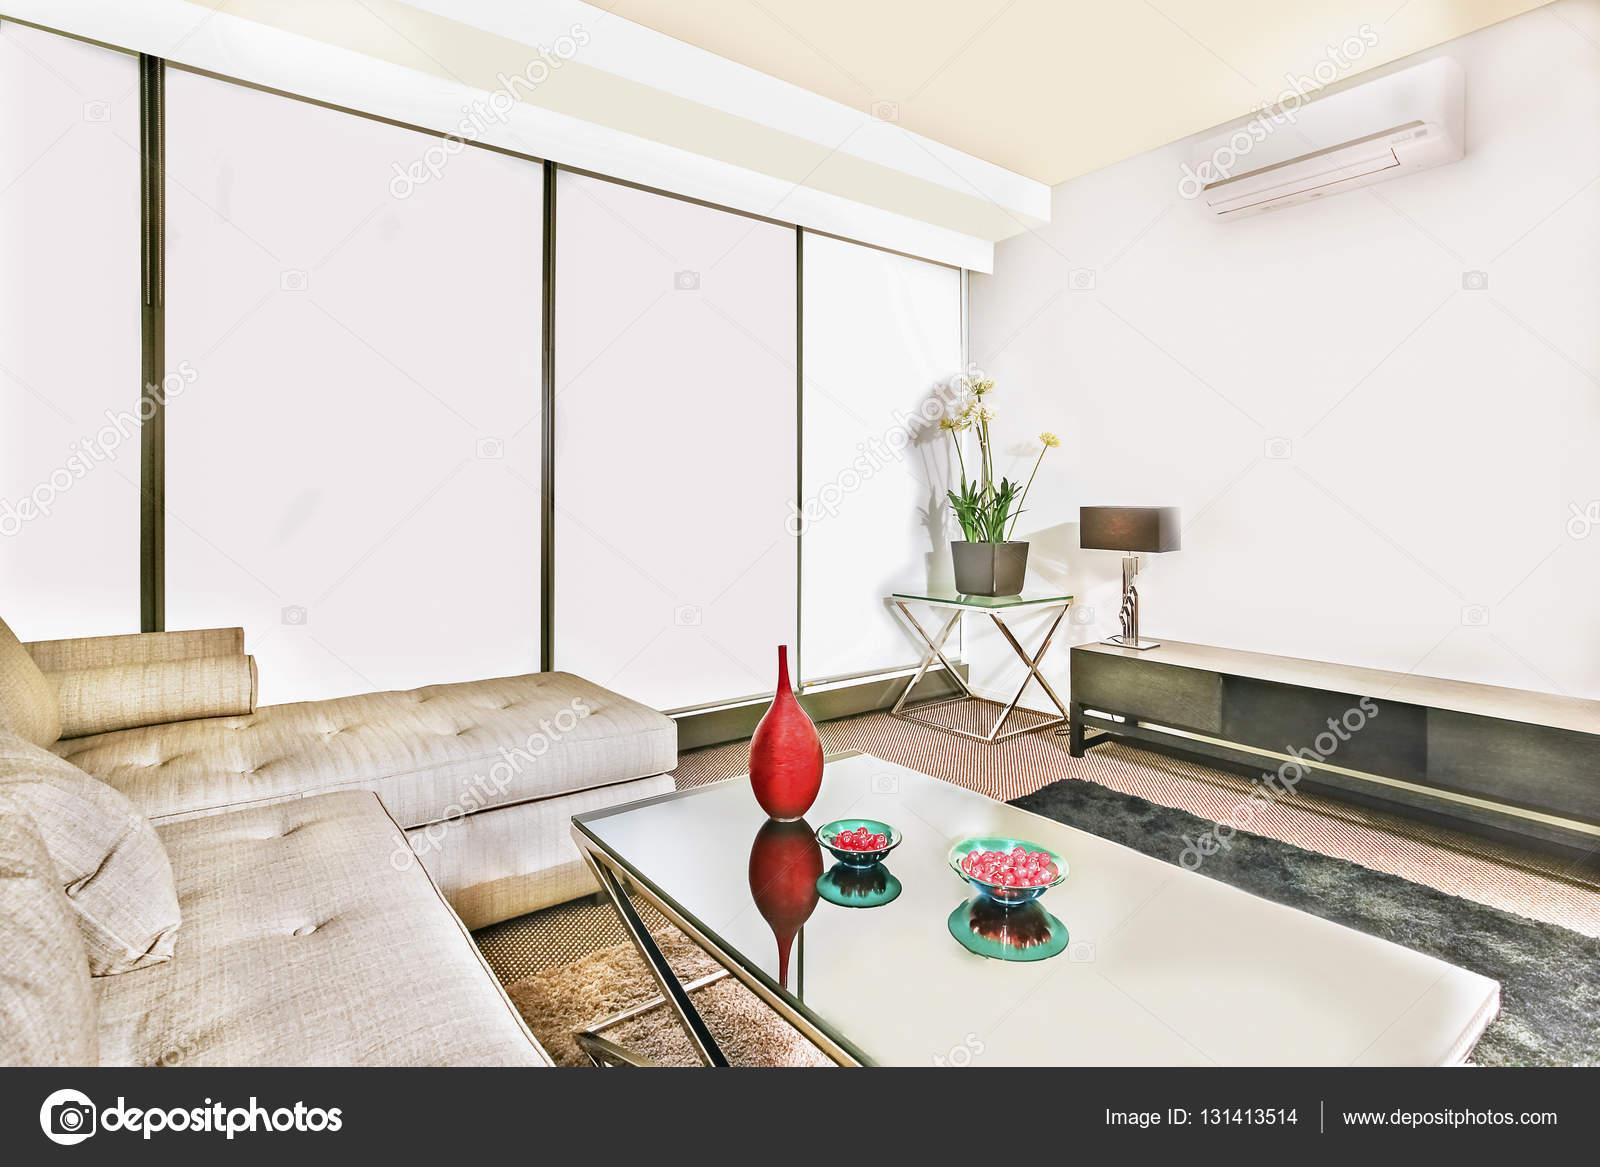 Mooie Moderne Slaapbank.Kamer Met Moderne Faciliteiten En Slaapbank In De Buurt Van Tabel